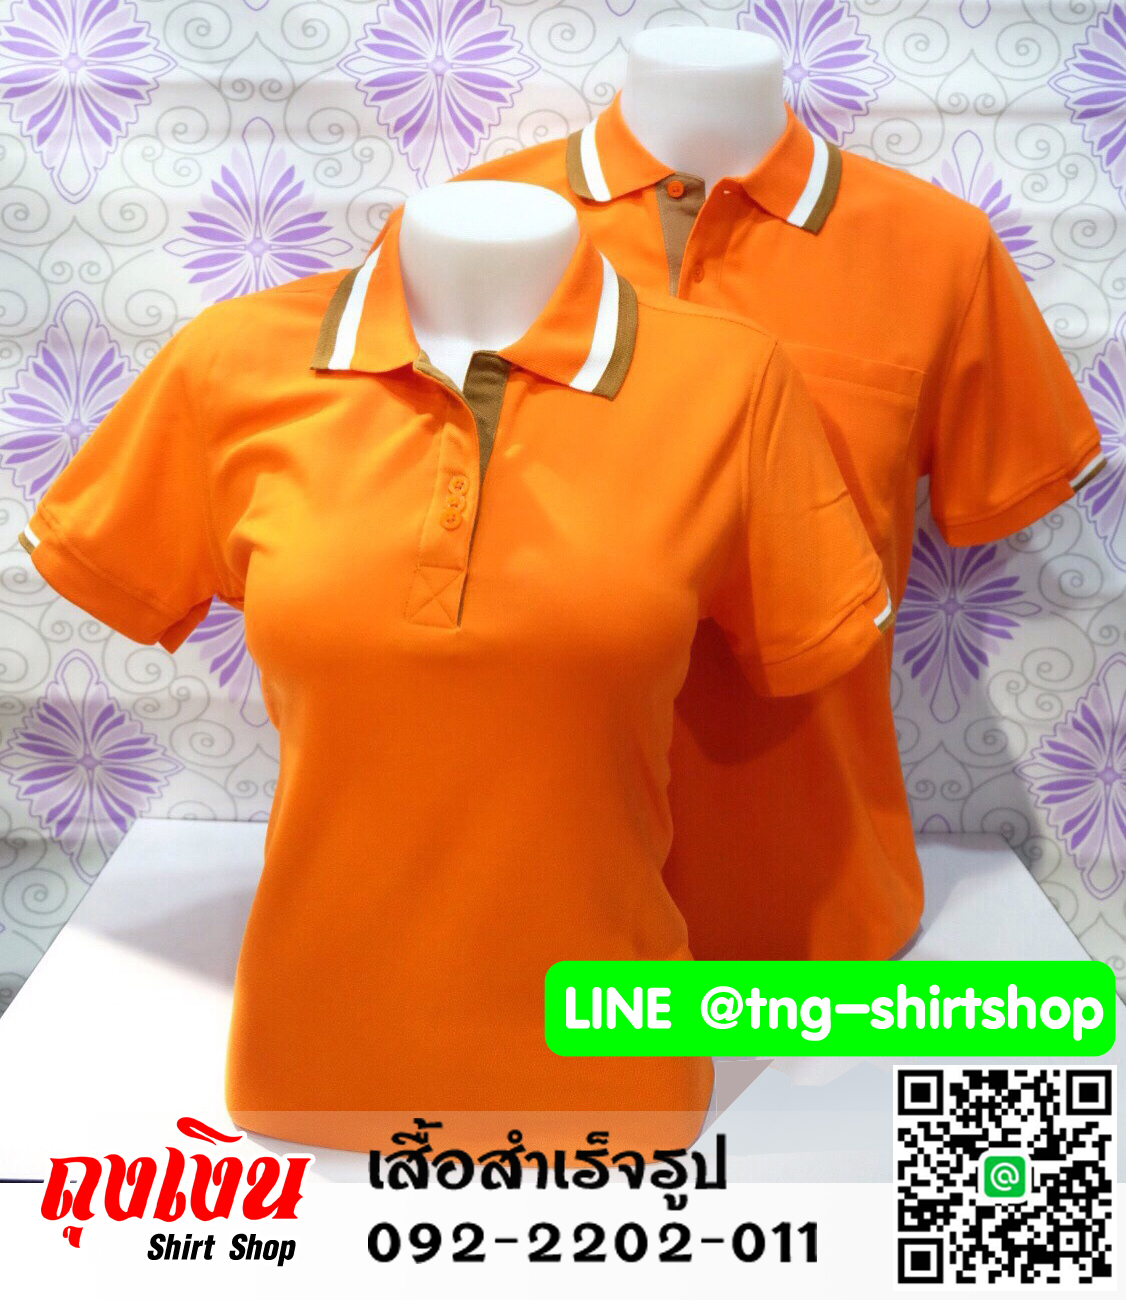 เสื้อโปโลสำเร็จรูป สีส้มอิฐ เนื้อผ้า TK สวมใส่สบาย ราคาเบาๆ